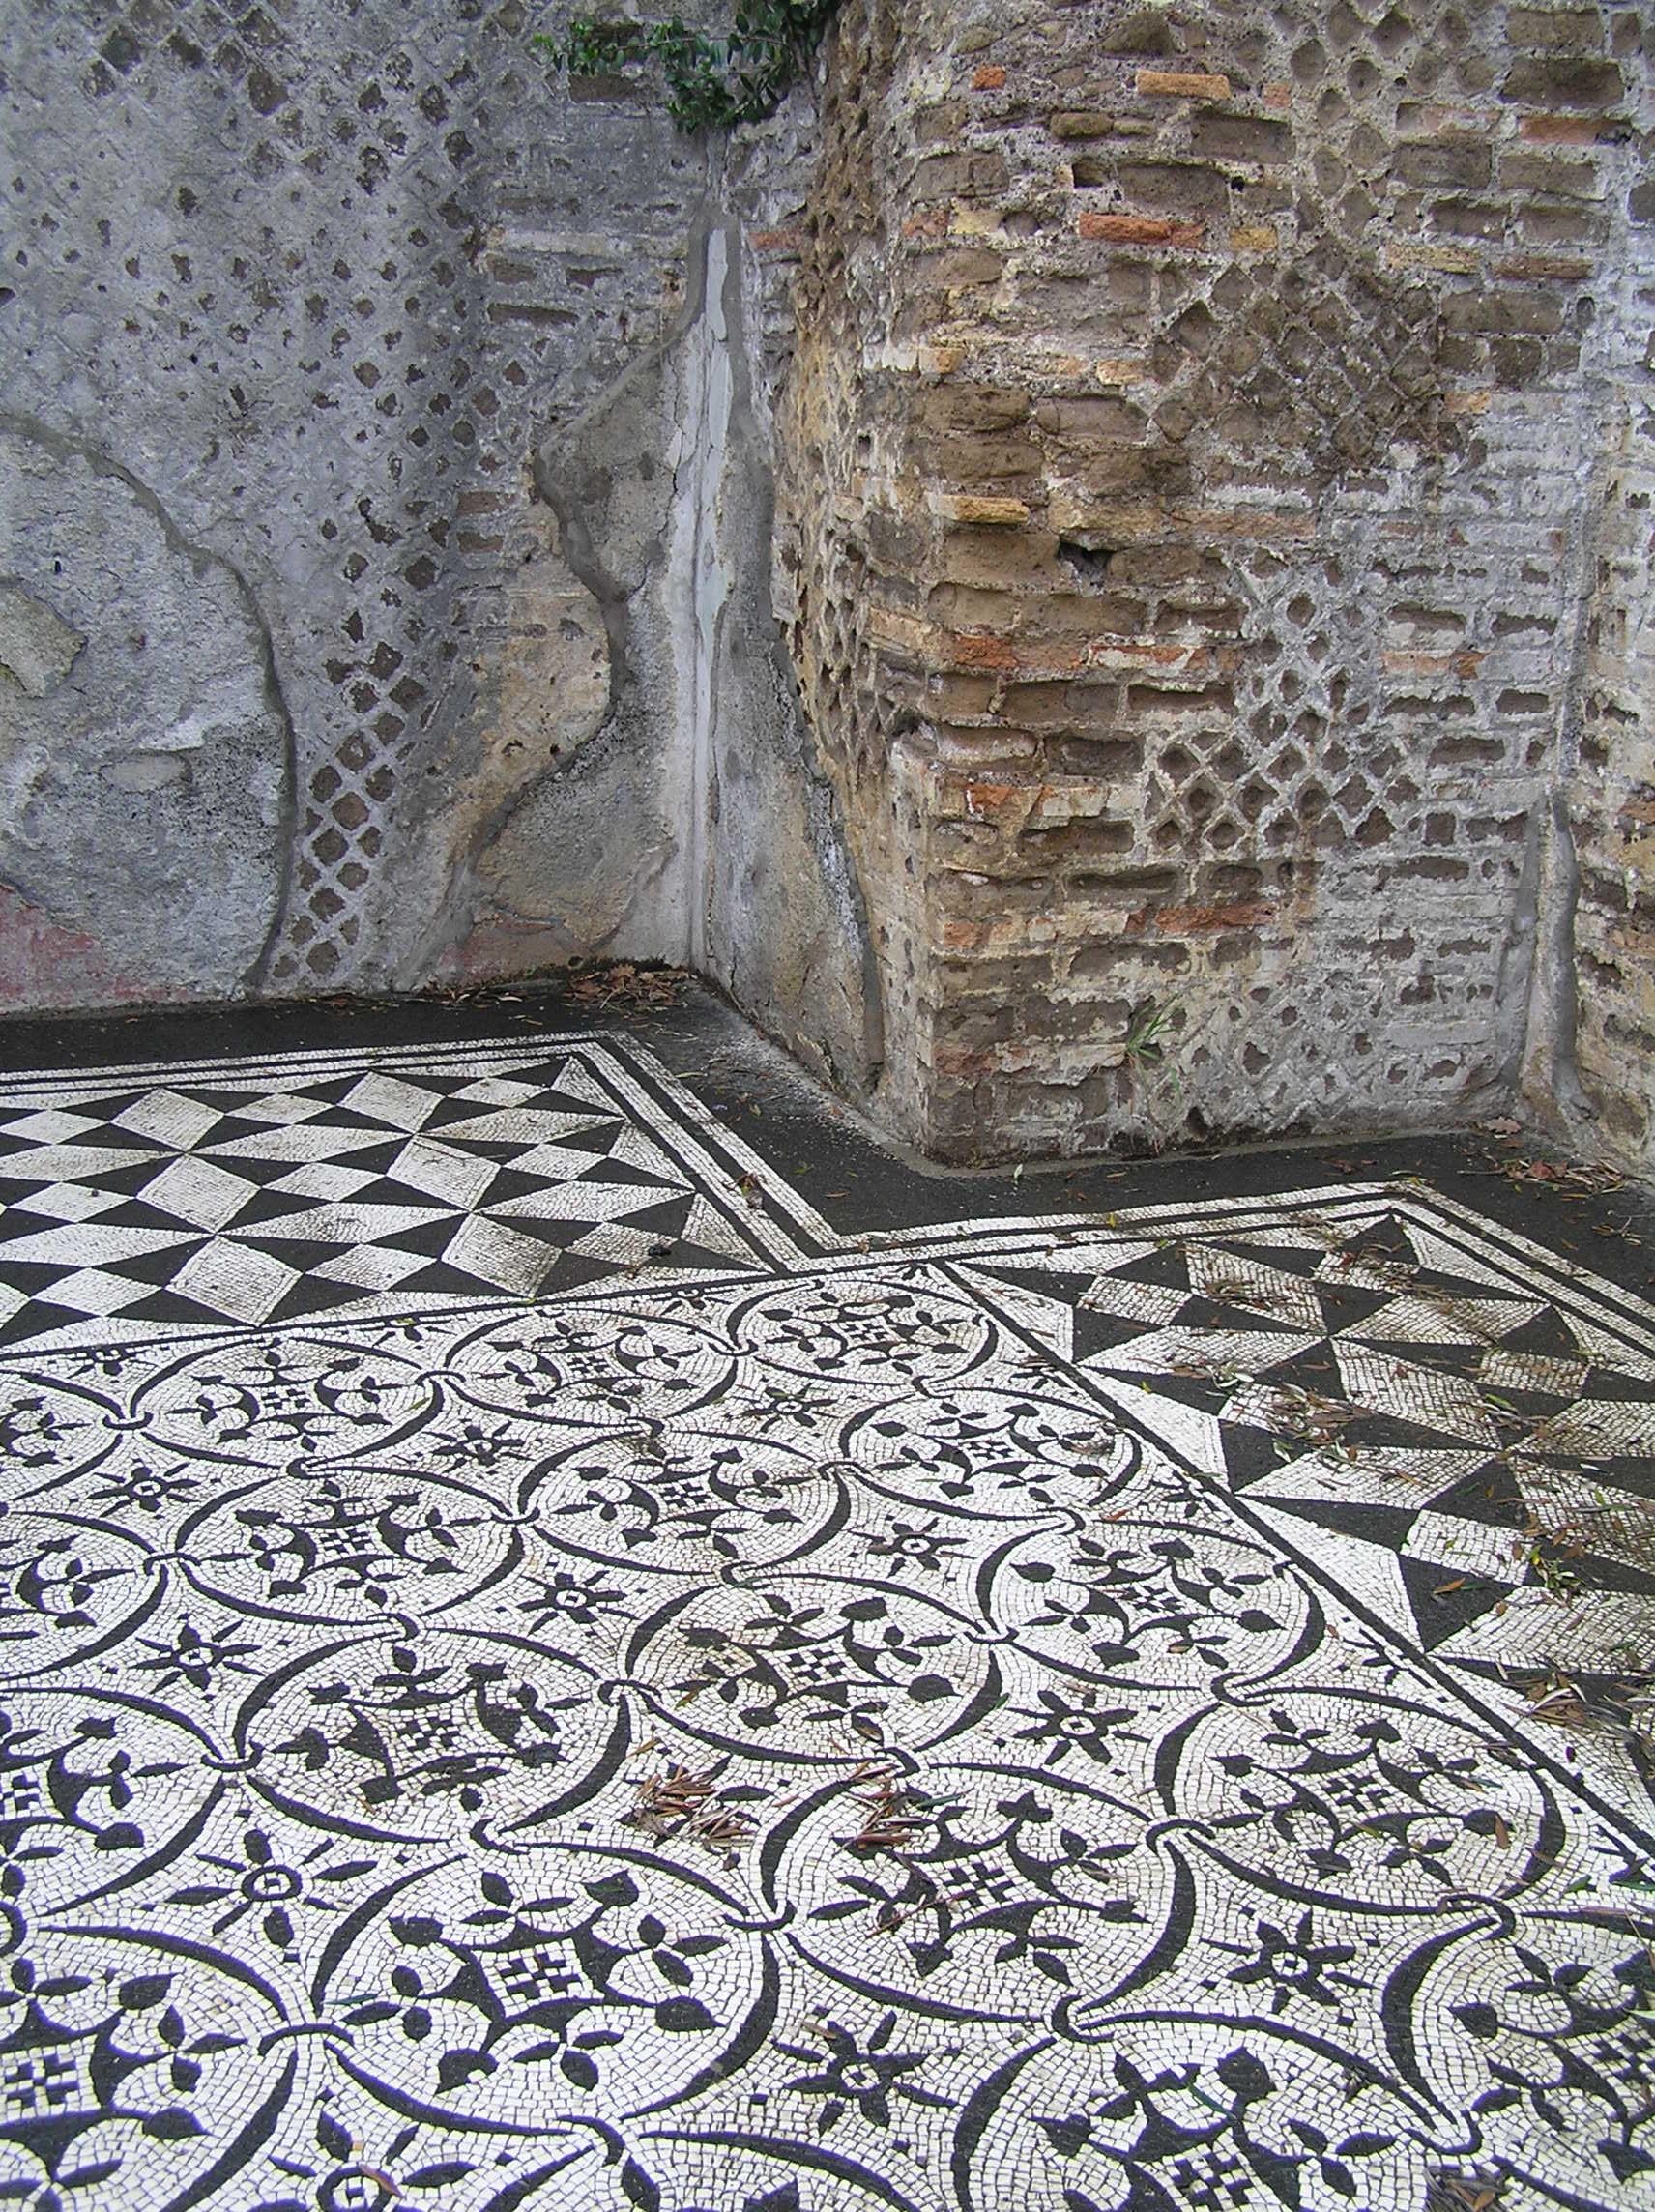 Itálie -Tivoli - Hadrianova vila, mosaiky v kasárnách prétoriánů